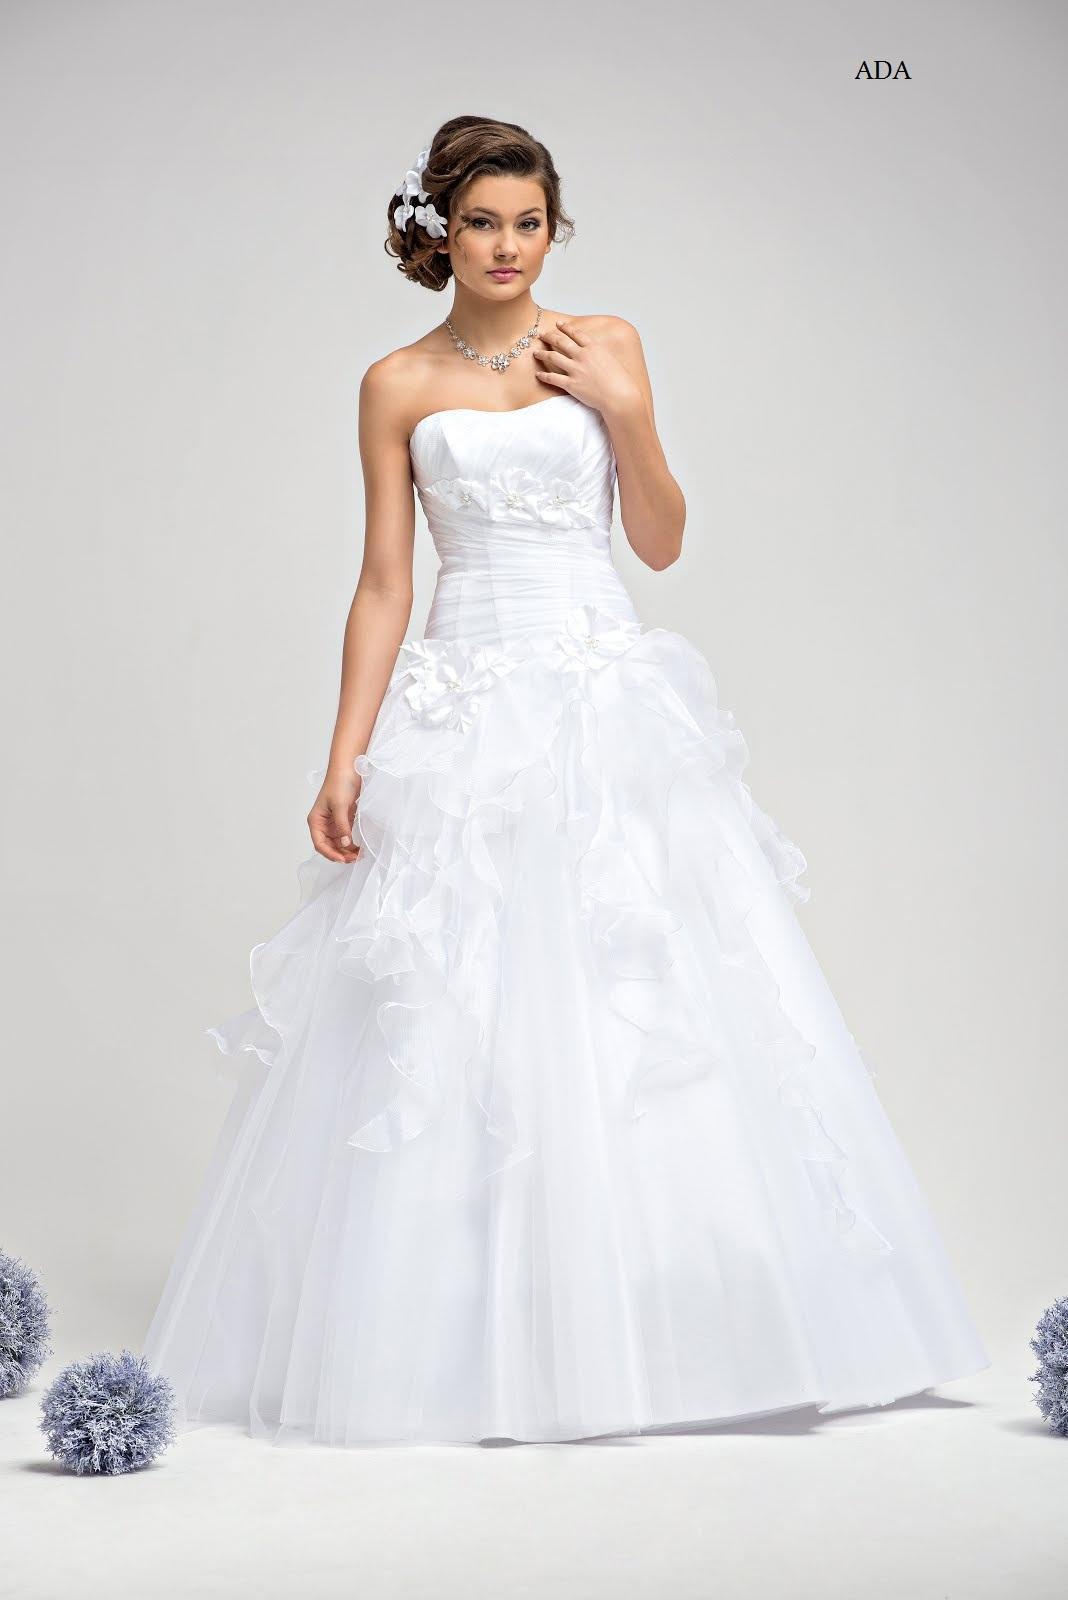 Einzigartig Günstige Brautmode SpezialgebietFormal Ausgezeichnet Günstige Brautmode Vertrieb